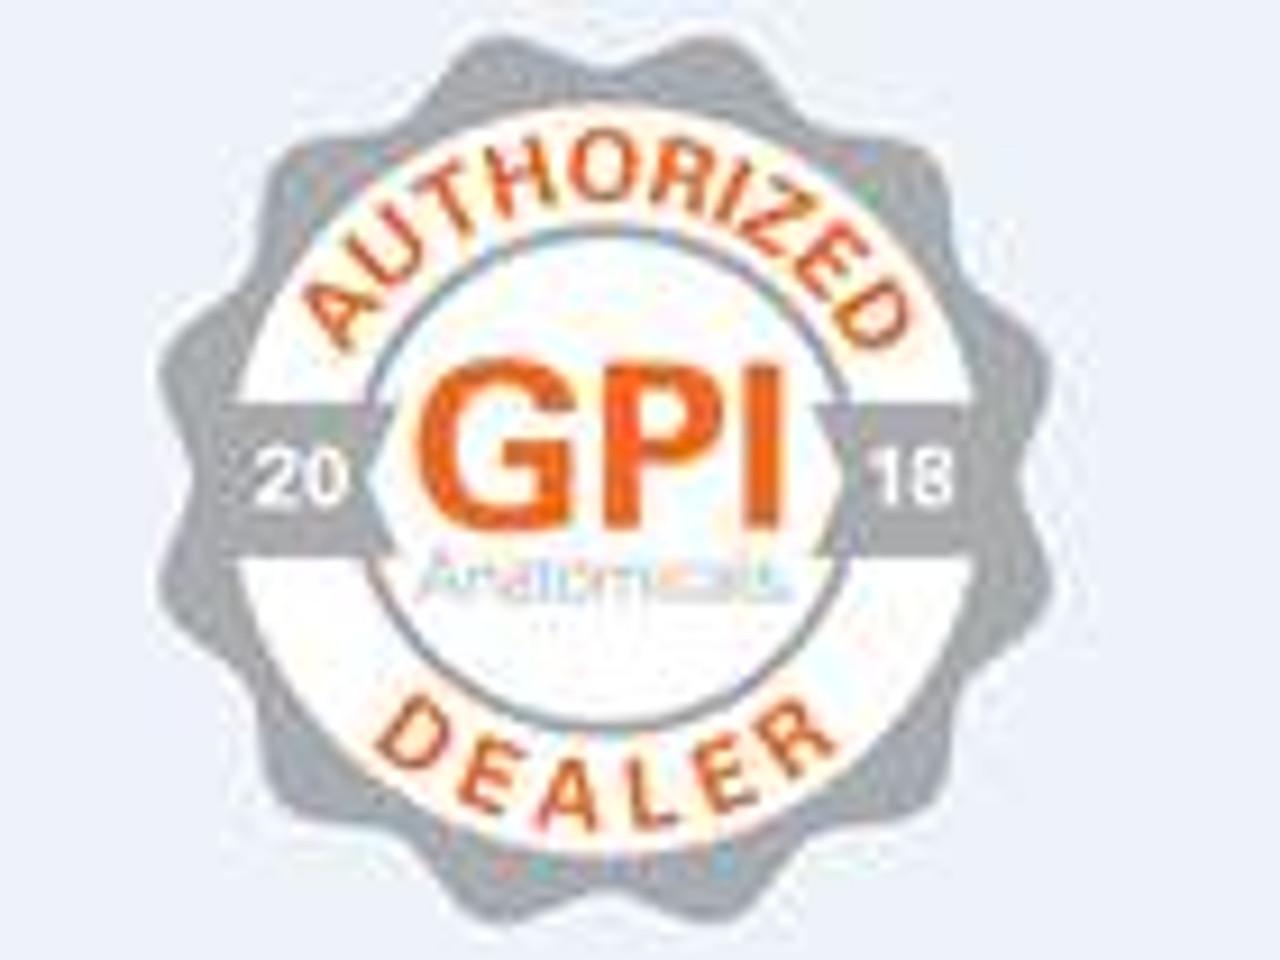 Authorized GPI dealer,